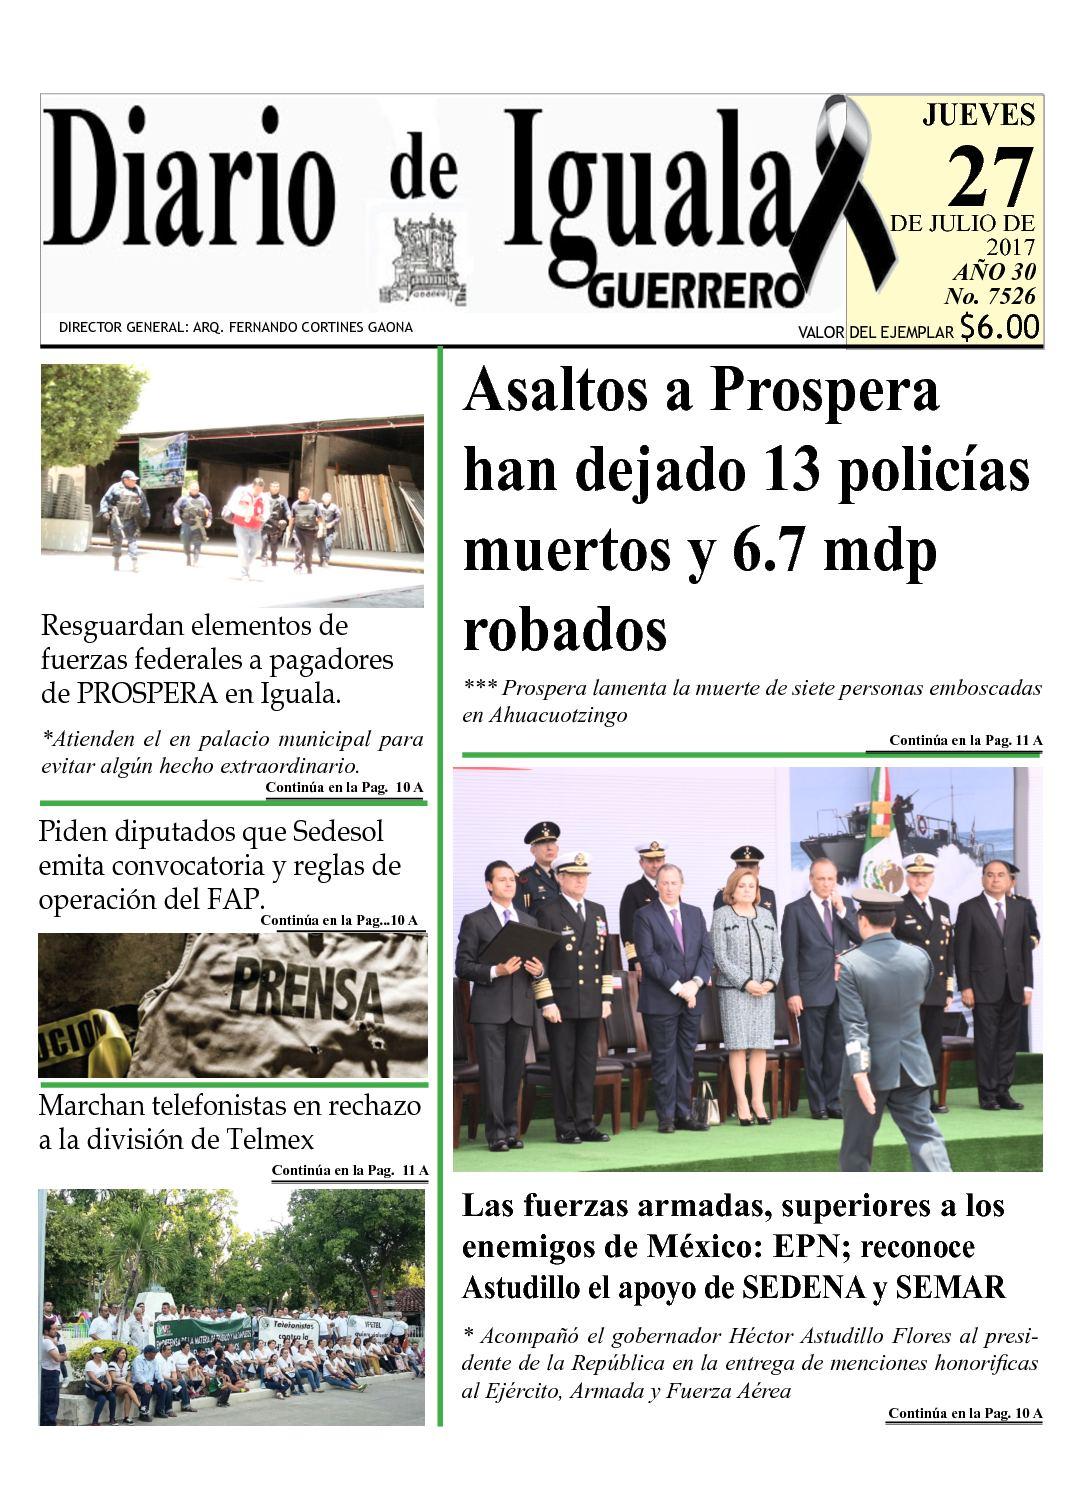 Diario De Iguala Jueves 27 De Julio De 2017